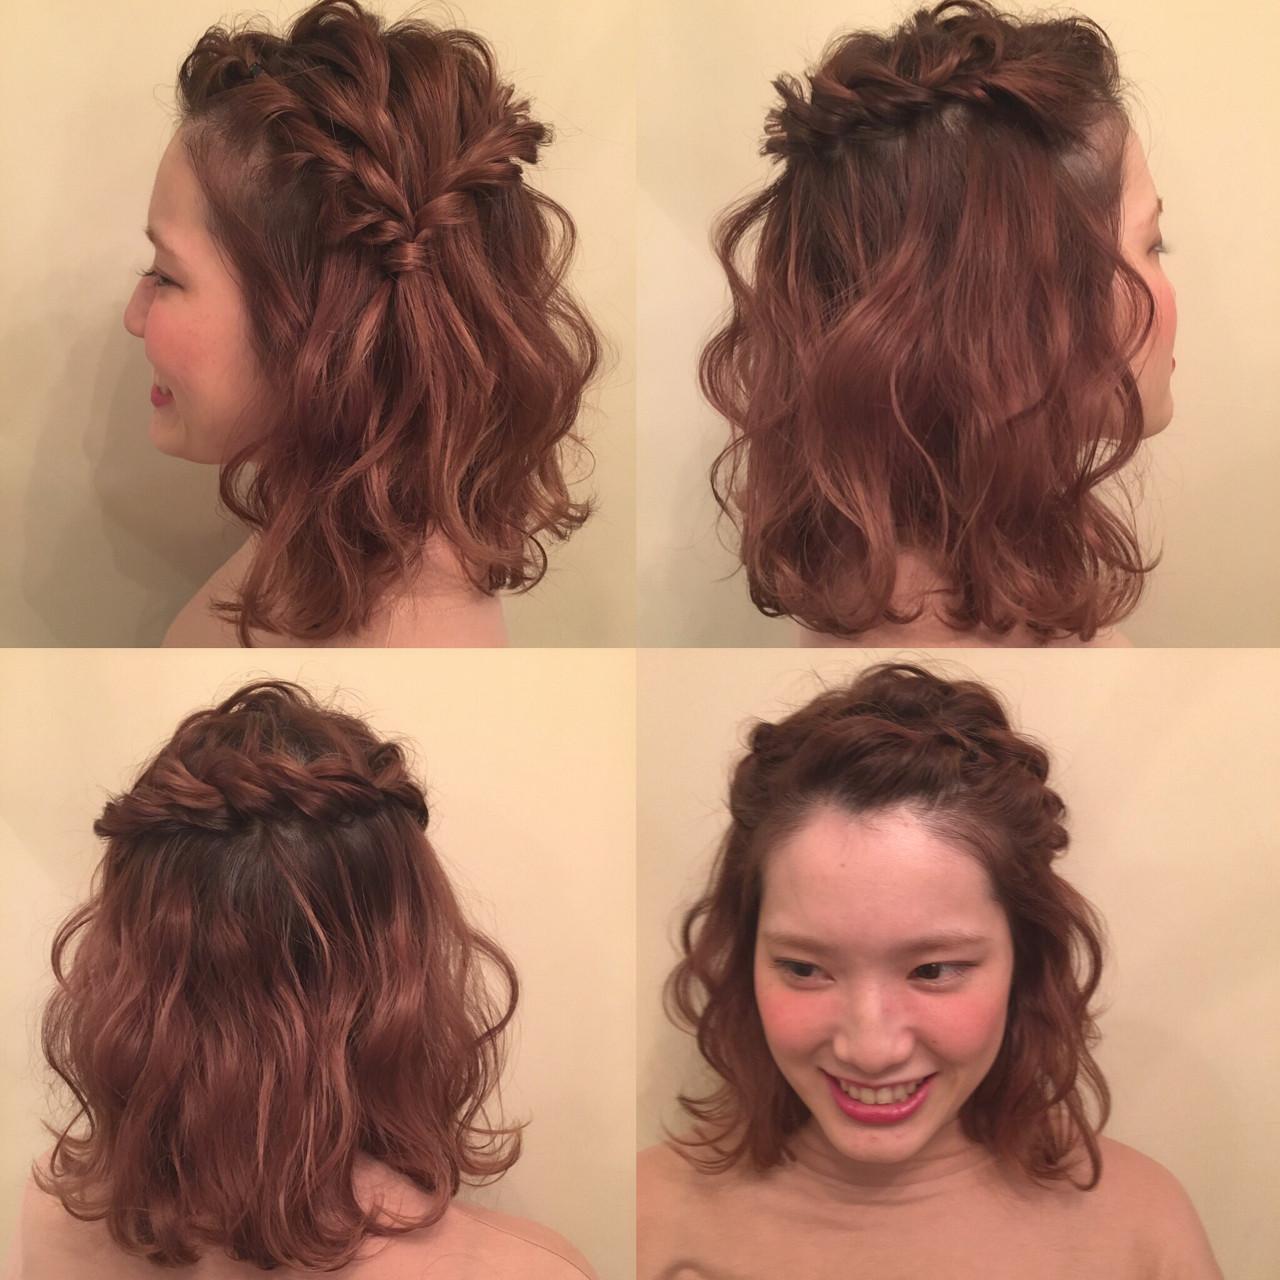 いつも同じにはもう飽きた!オトナ美人の魅せる髪型 永川真子/AGREE calling